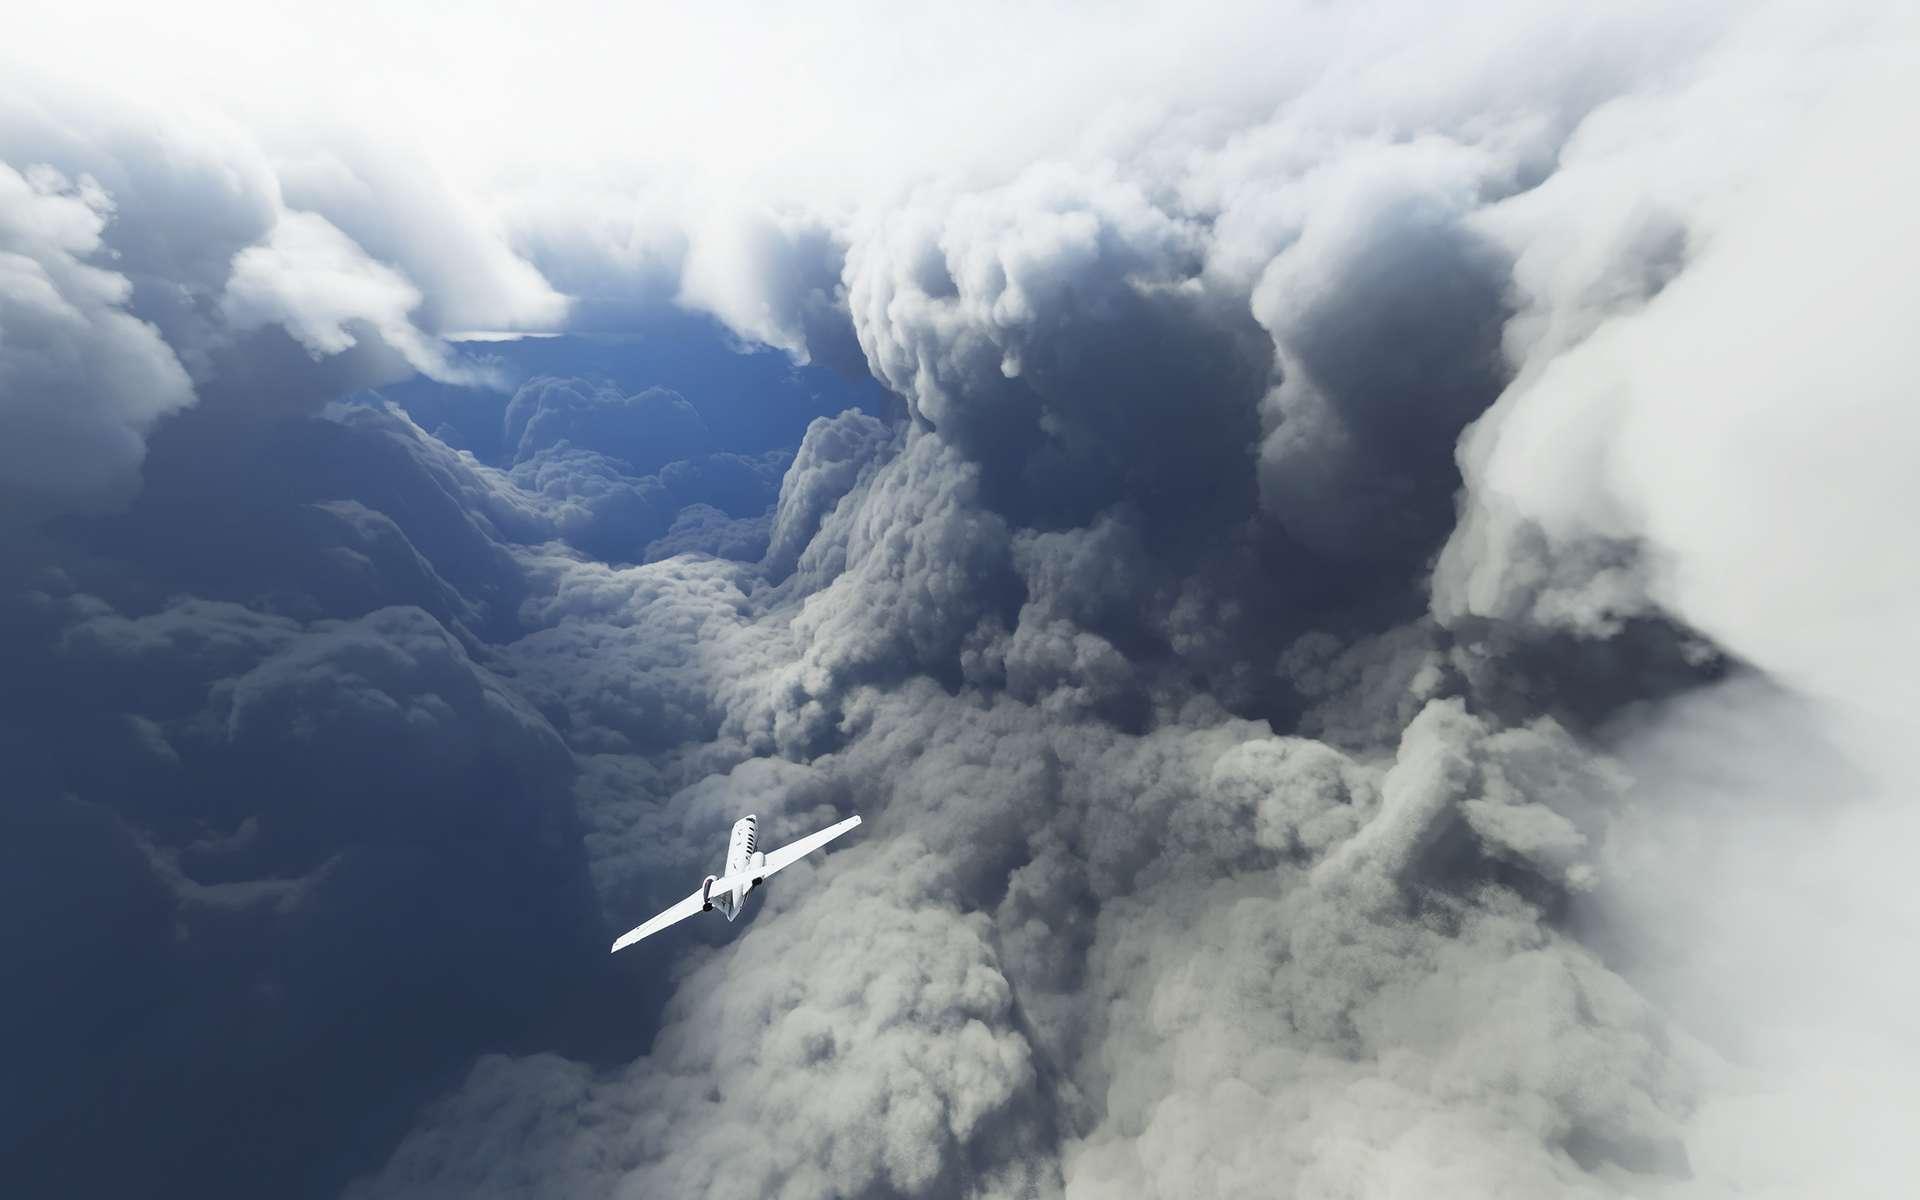 Des images époustouflantes et ultraréalistes obtenues par la modélisation des données météo en temps réel dans Flight Simulator 2020. © Petri Levälahti @Berduu, Twitter